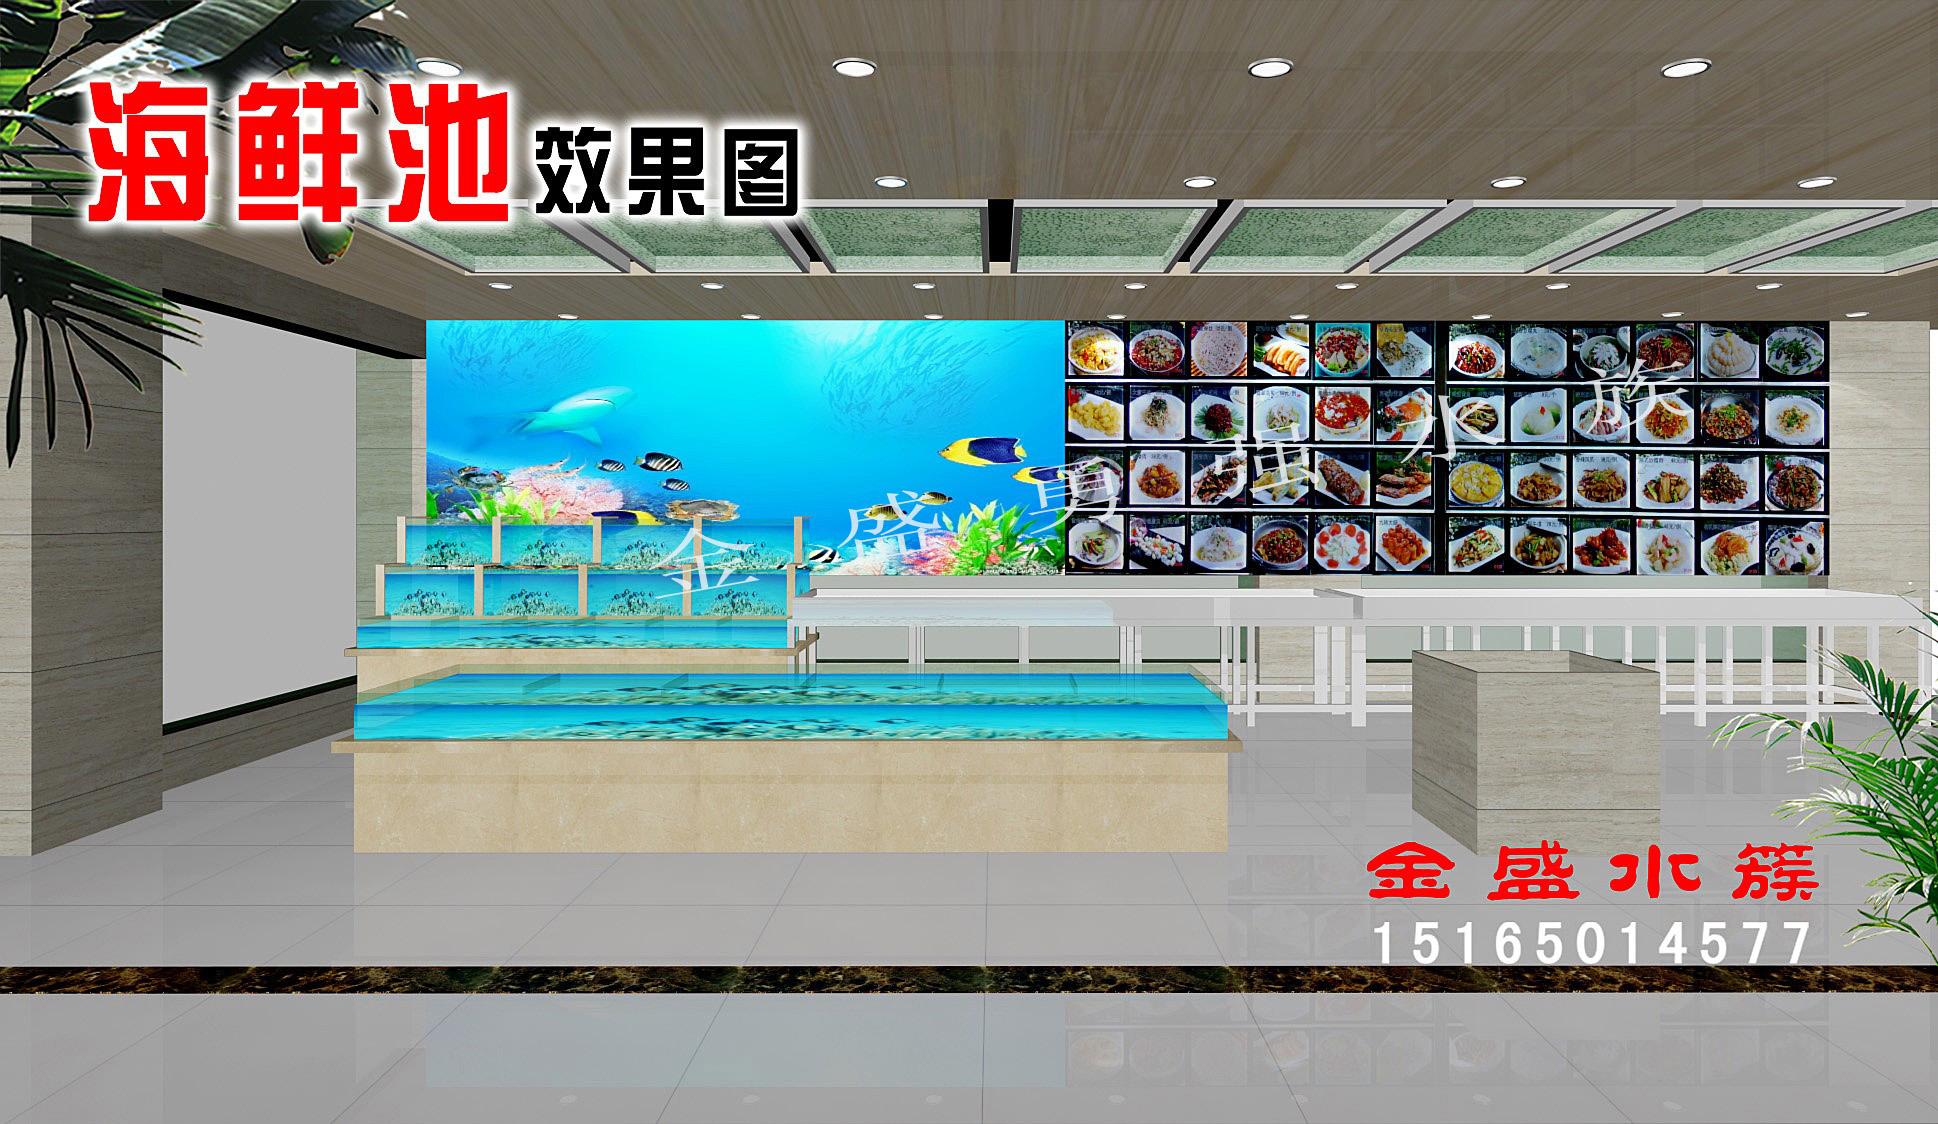 有创意的金盛海鲜池海鲜鱼缸酒店冰鲜台制作有限公司 便宜的酒店海鲜池海鲜鱼缸冰鲜鱼展示柜济南海鲜池